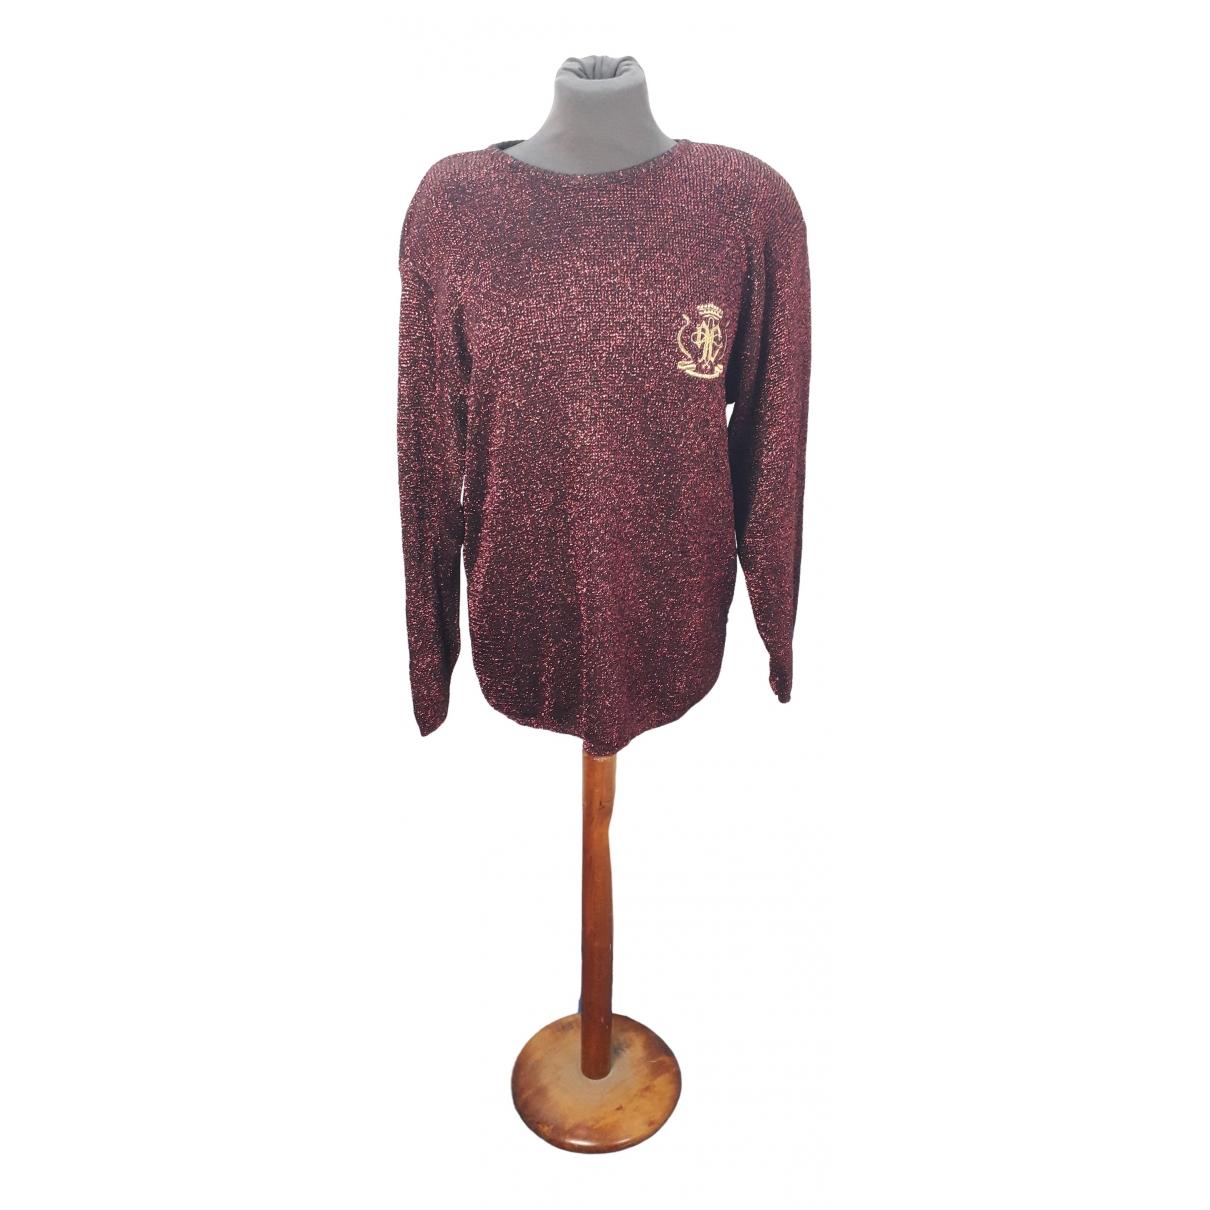 Pierre Cardin \N Purple Cotton  top for Women S International